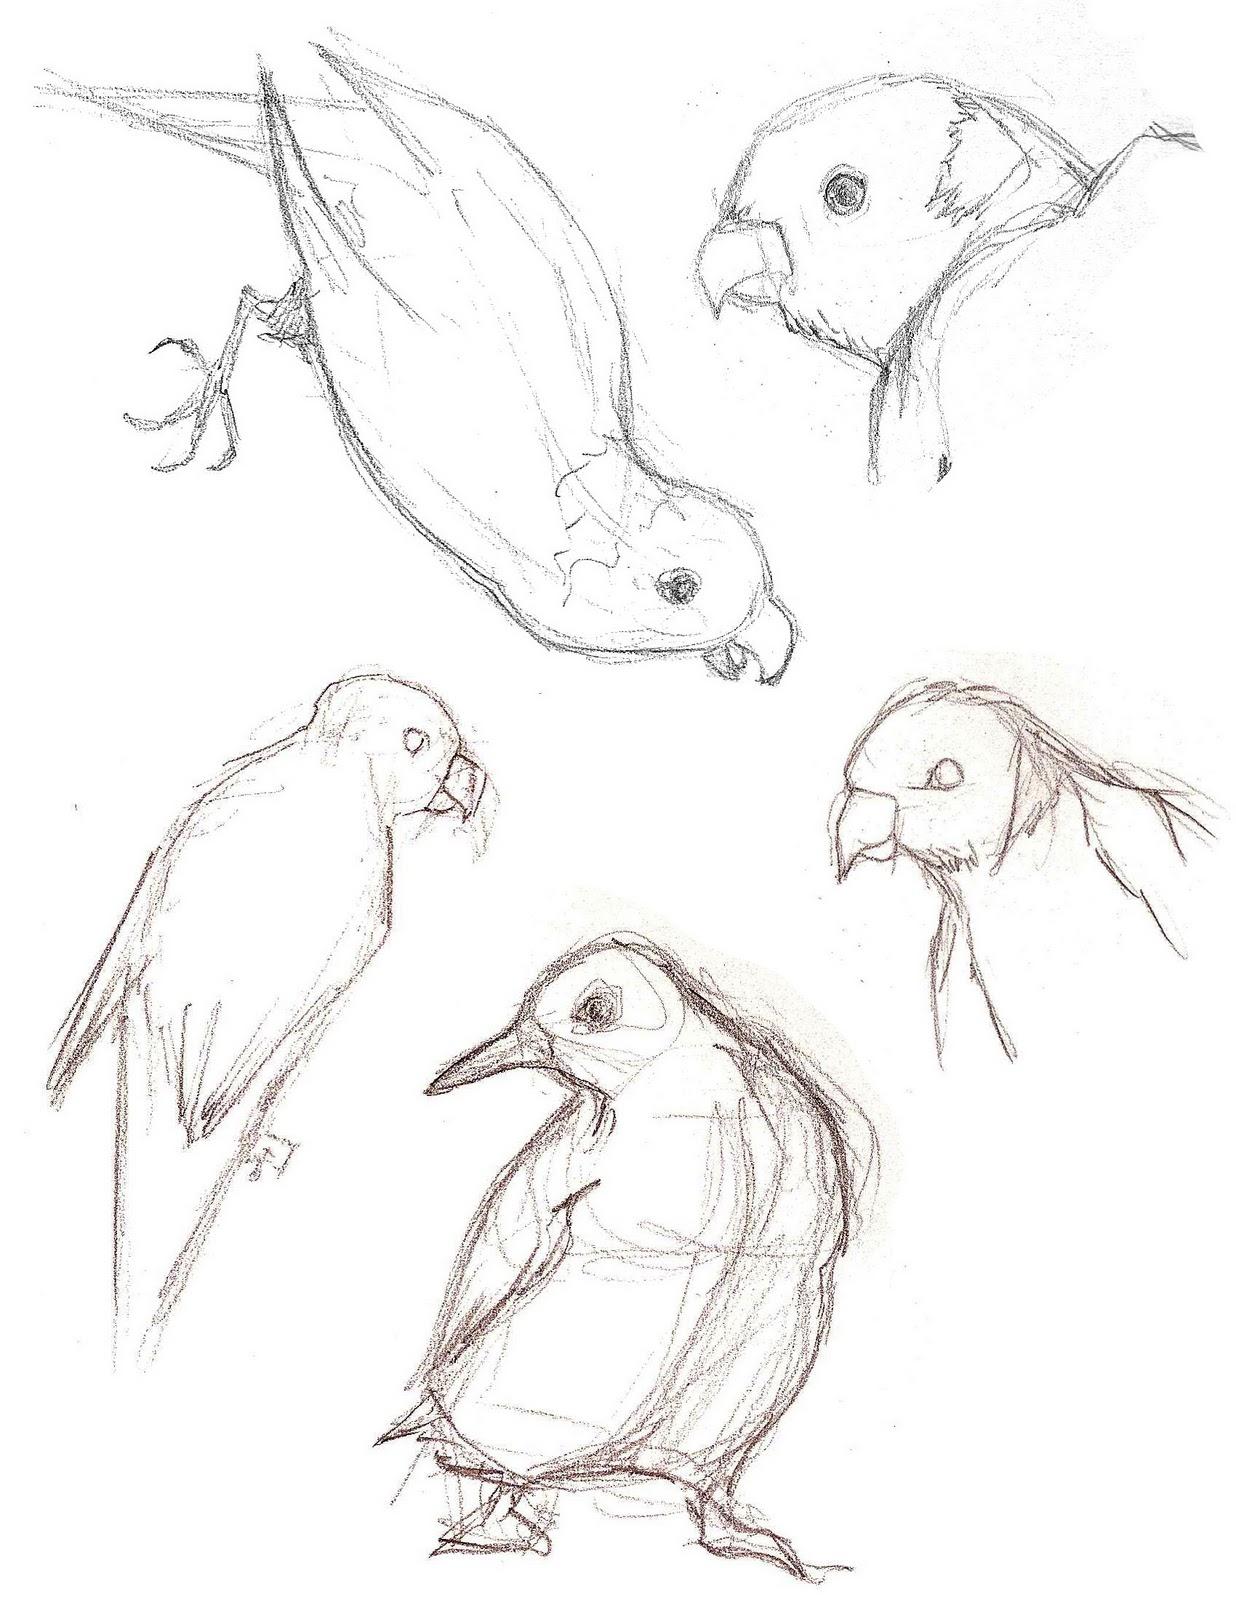 1236x1600 Monamation Aquarium Sketches